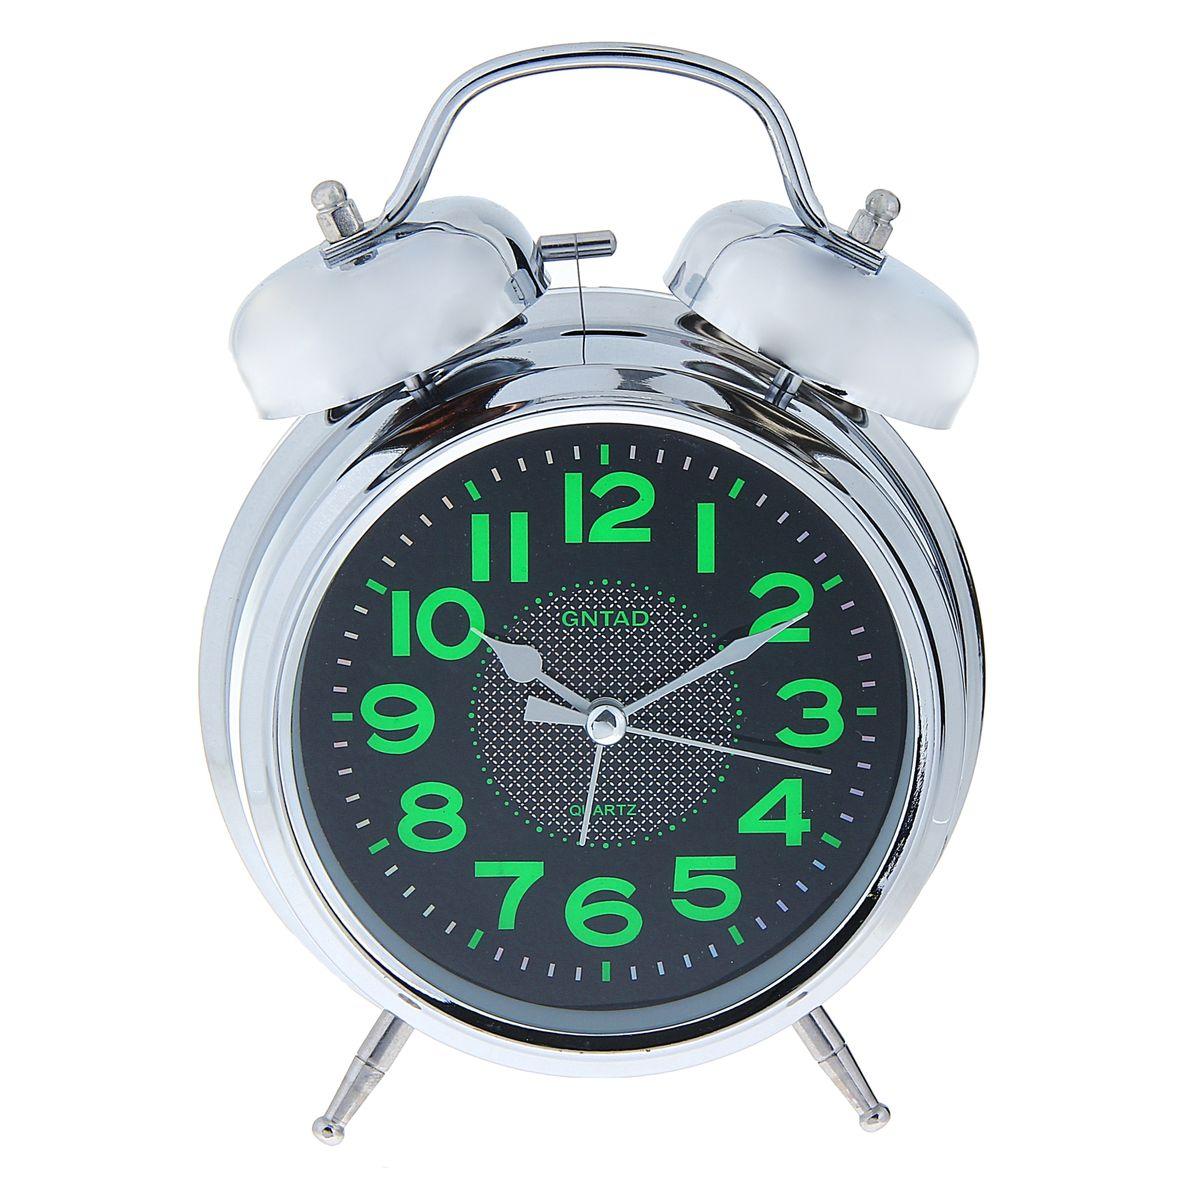 Часы-будильник Sima-land Цифры. 10564321056432Как же сложно иногда вставать вовремя! Всегда так хочется поспать еще хотя бы 5 минут и бывает, что мы просыпаем. Теперь этого не случится! Яркий, оригинальный будильник Sima-land Цифры поможет вам всегда вставать в нужное время и успевать везде и всюду. Корпус будильника выполнен из металла. Циферблат имеет индикацию отметок с арабскими цифрами. Часы снабжены 4 стрелками (секундная, минутная, часовая и для будильника). На задней панели будильника расположен переключатель включения/выключения механизма, а также два колесика для настройки текущего времени и времени звонка будильника. Также будильник оснащен кнопкой, при нажатии которой подсвечивается циферблат. Пользоваться будильником очень легко: нужно всего лишь поставить батарейки, настроить точное время и установить время звонка. Необходимо докупить 2 батарейки типа АА (не входят в комплект).